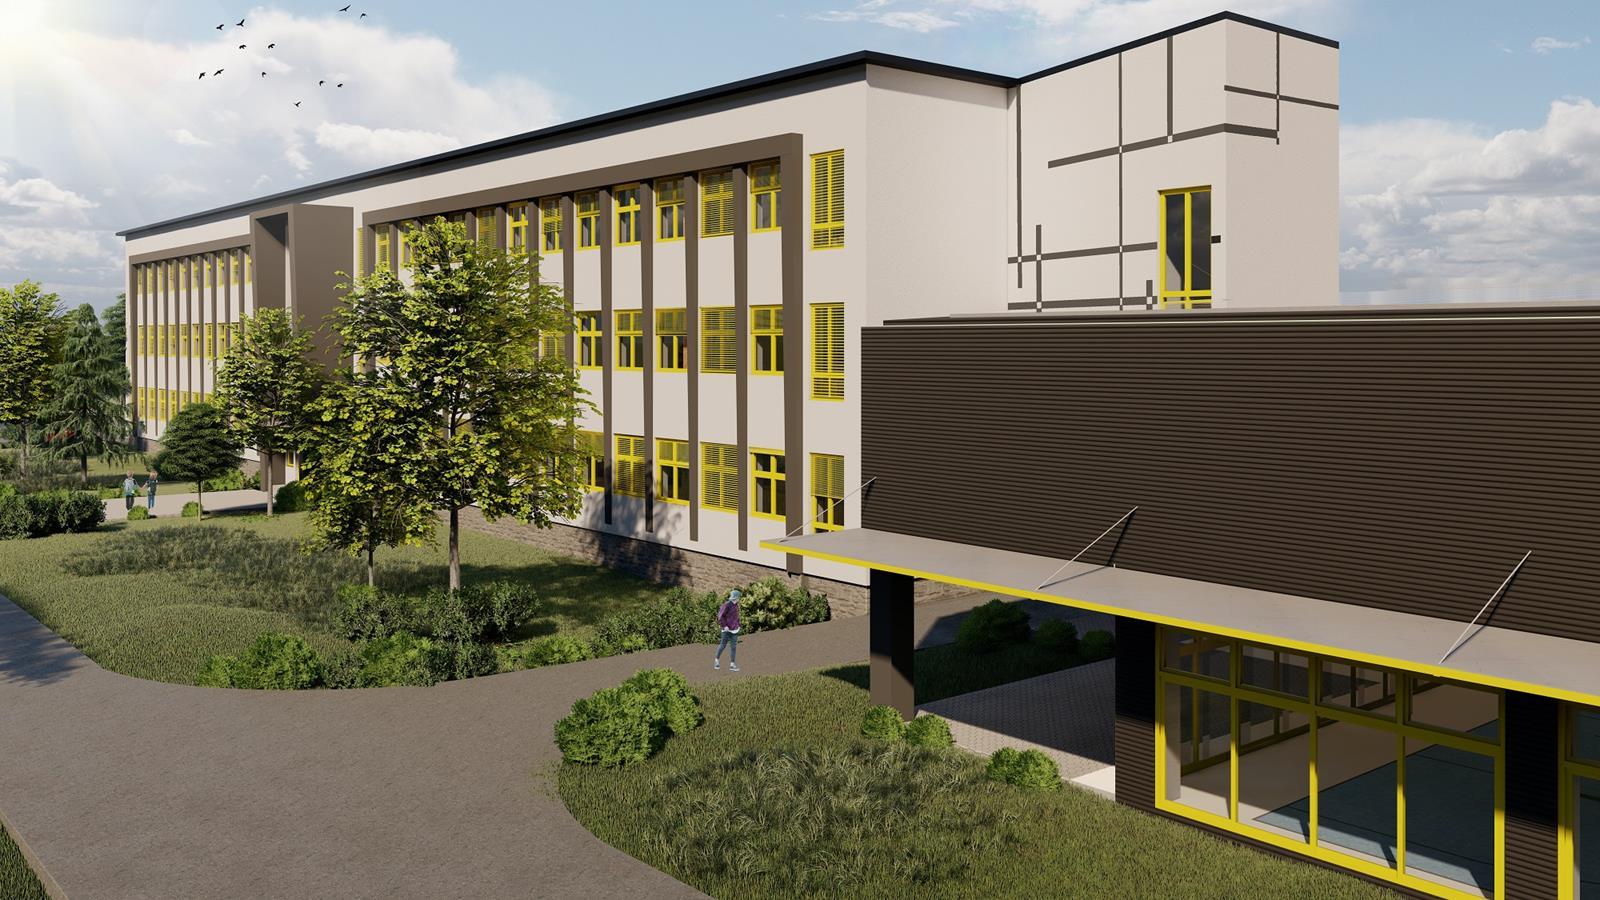 Atraktivan projekt nove samoborske škole